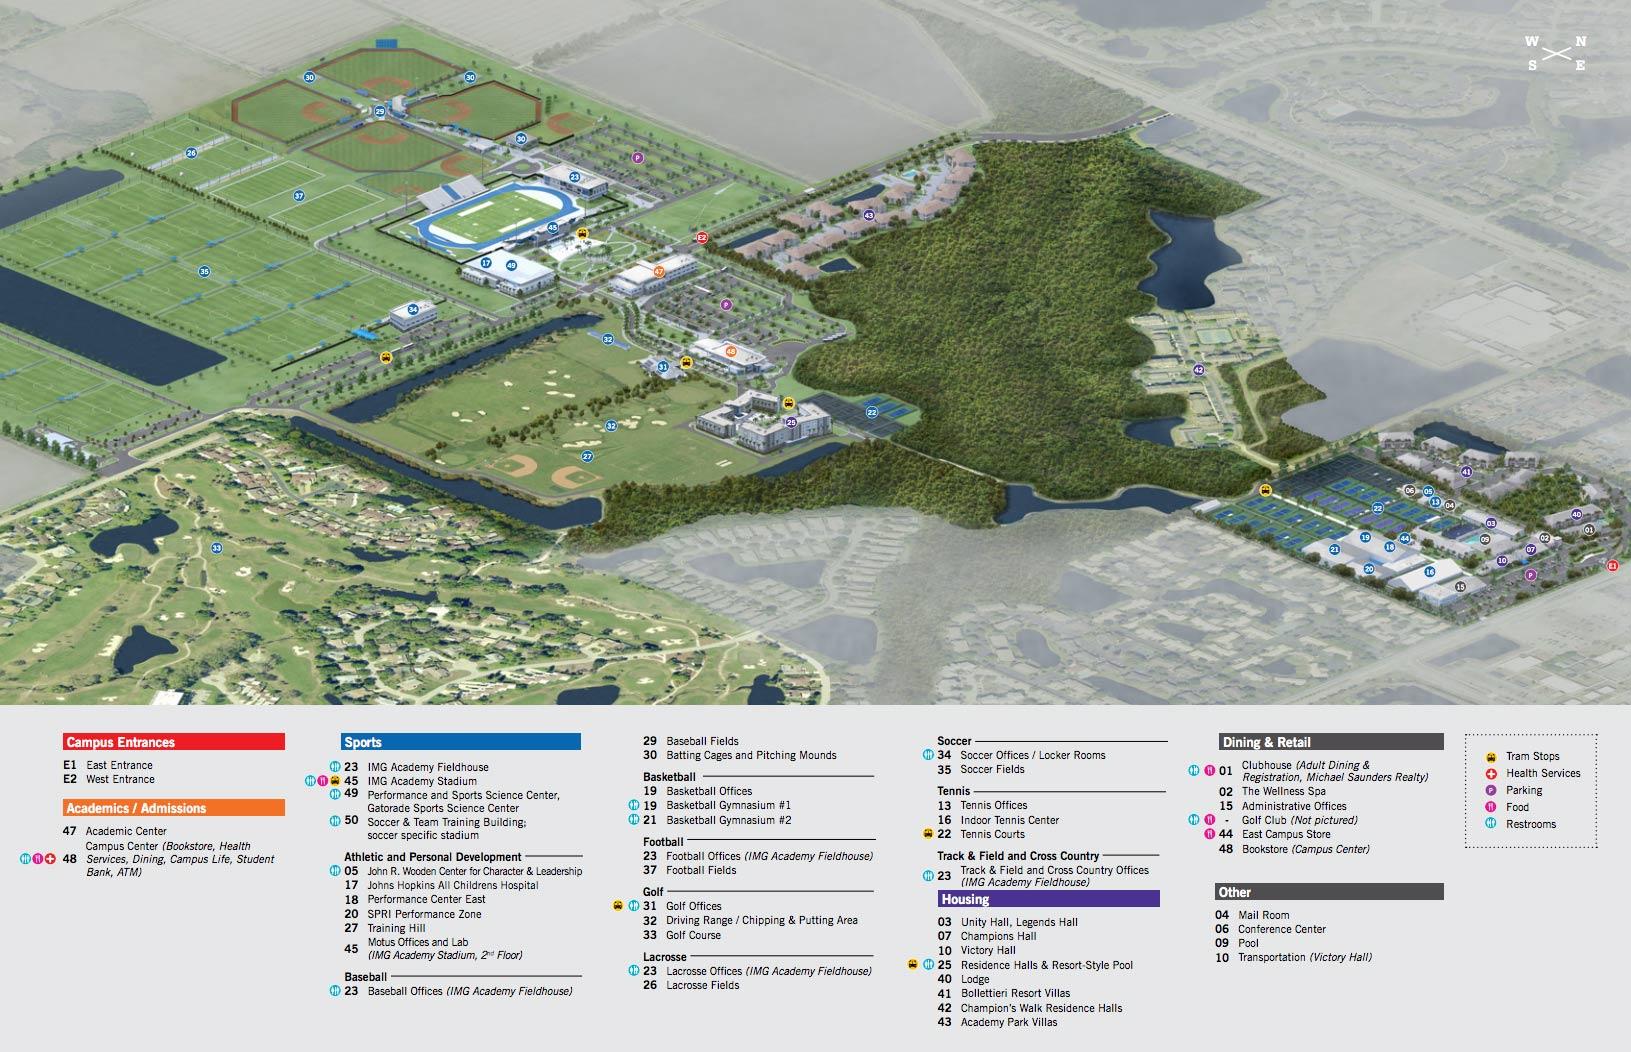 Jhh Campus Map.N S W E